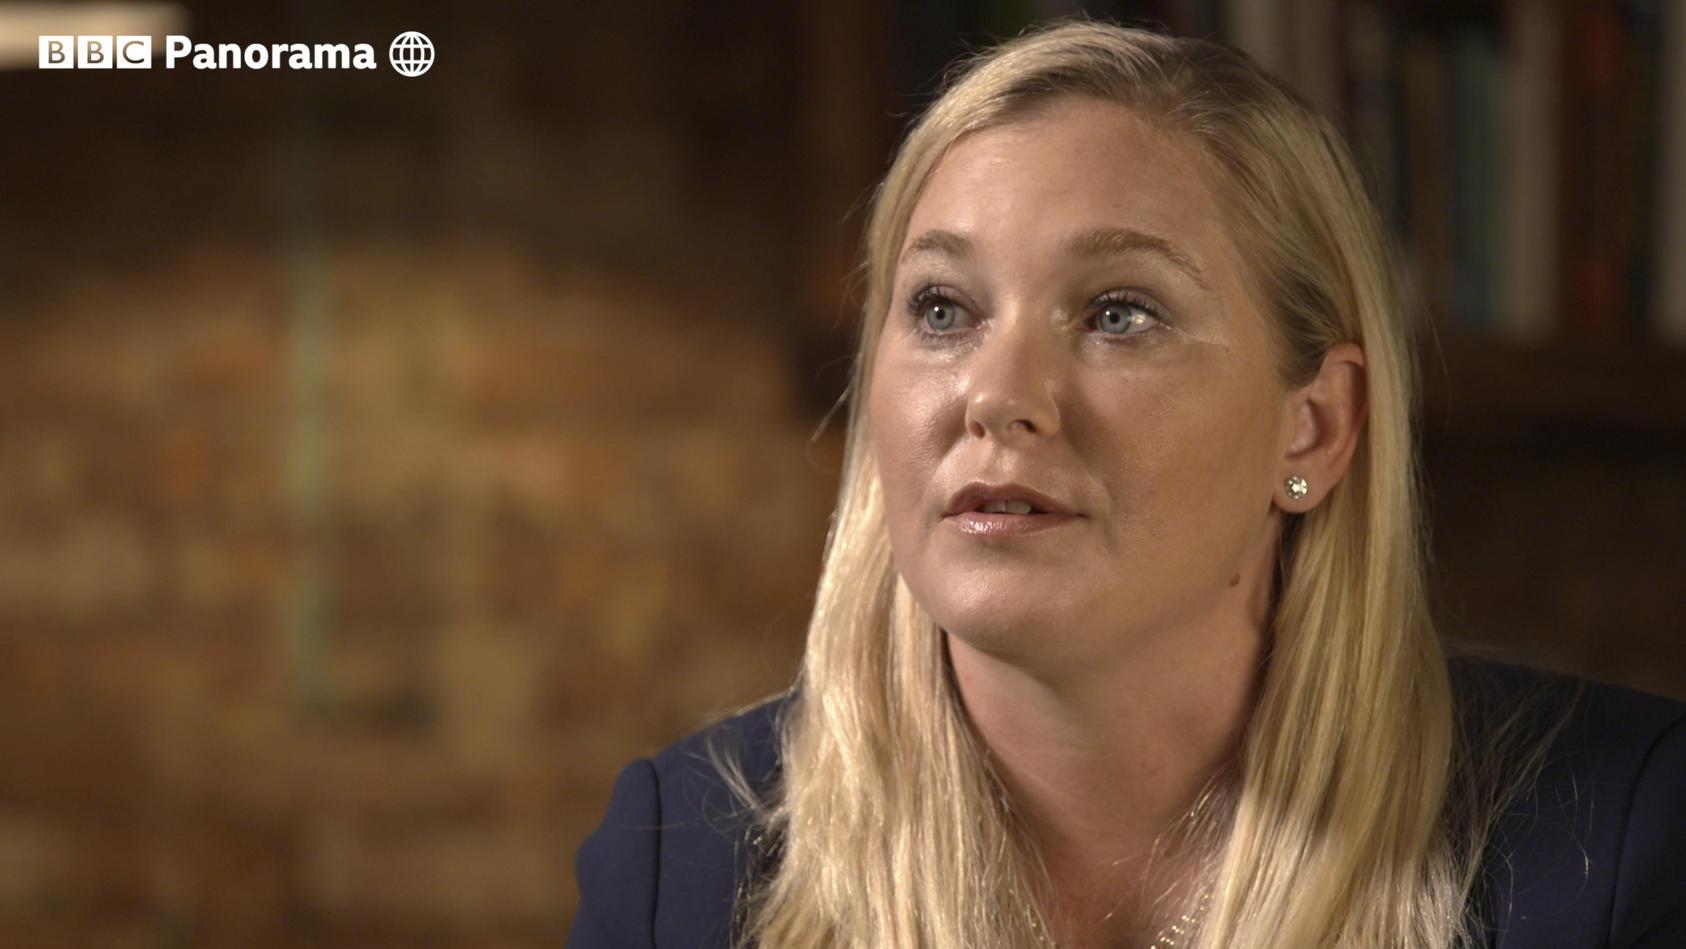 Das BBC One-Interview wurde Montagabend ausgestrahlt. Virginia Giuffre findet darin klare Worte zu ihrem Vergewaltiger Prinz Andrew.